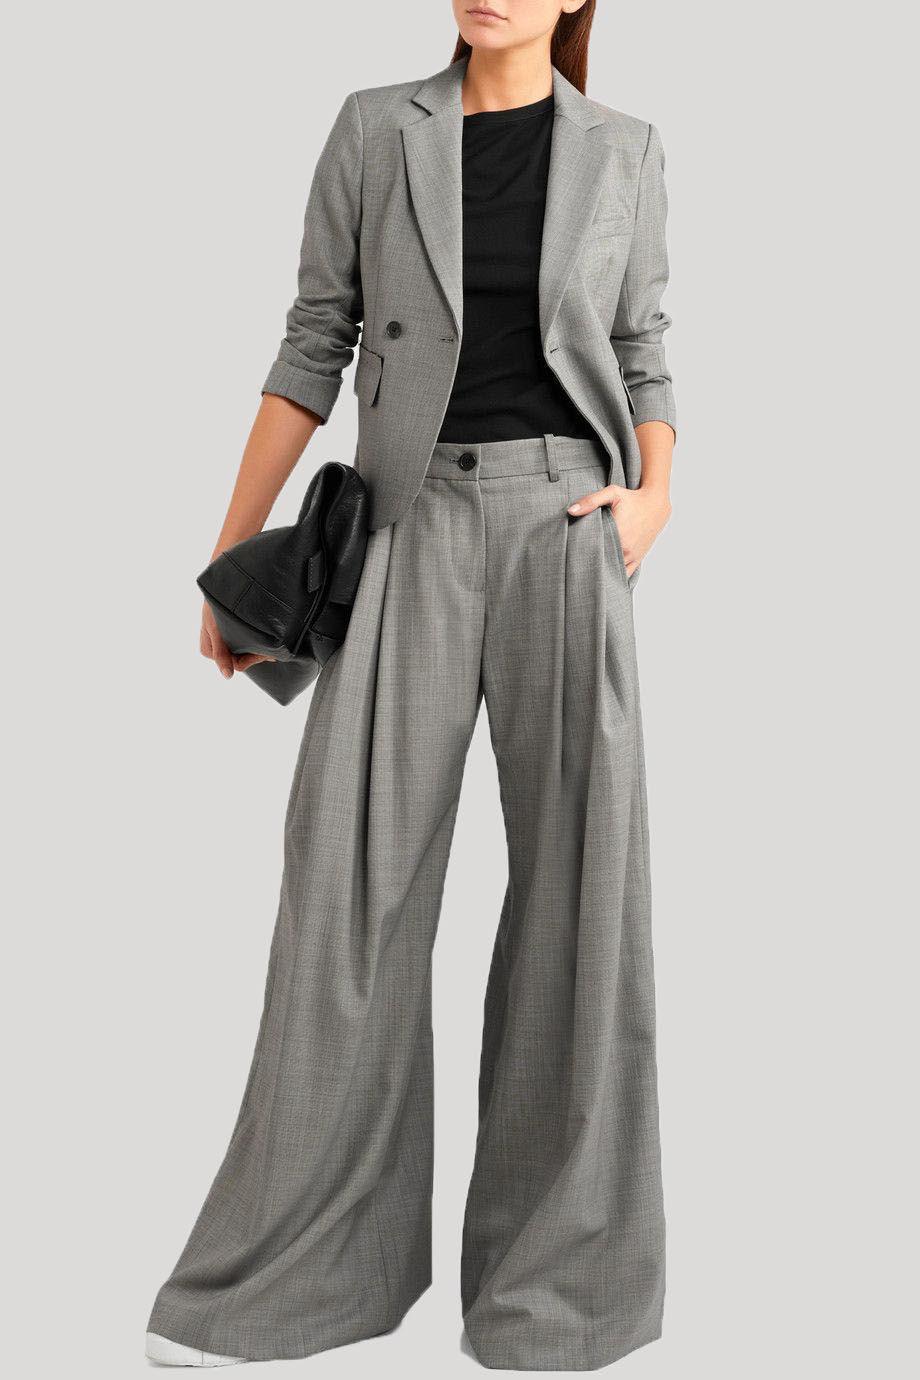 Костюмы ручной работы. Ярмарка Мастеров - ручная работа. Купить Женский деловой костюм в офис. Handmade. Костюм